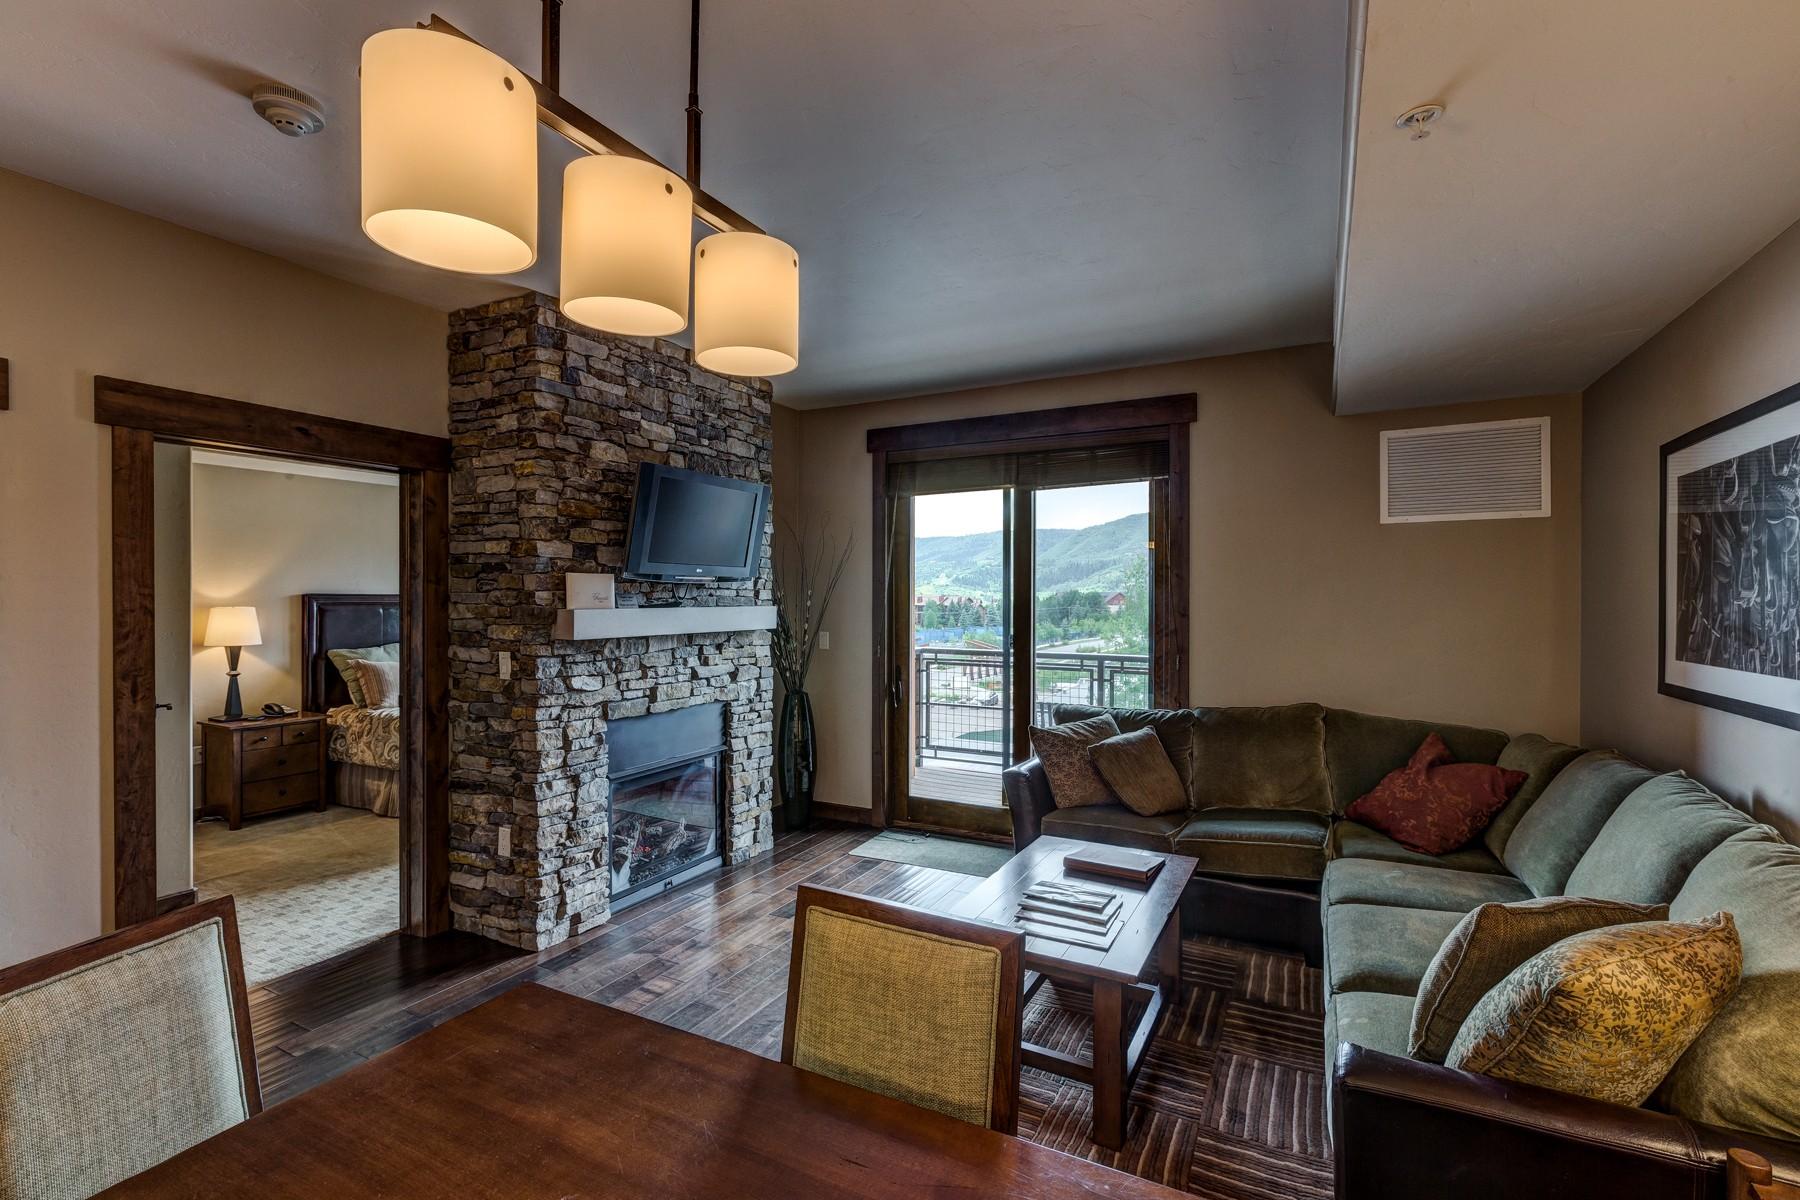 Copropriété pour l Vente à Trailhead Lodge #3110 1175 Bangtail Lane #3110 Steamboat Springs, Colorado 80487 États-Unis